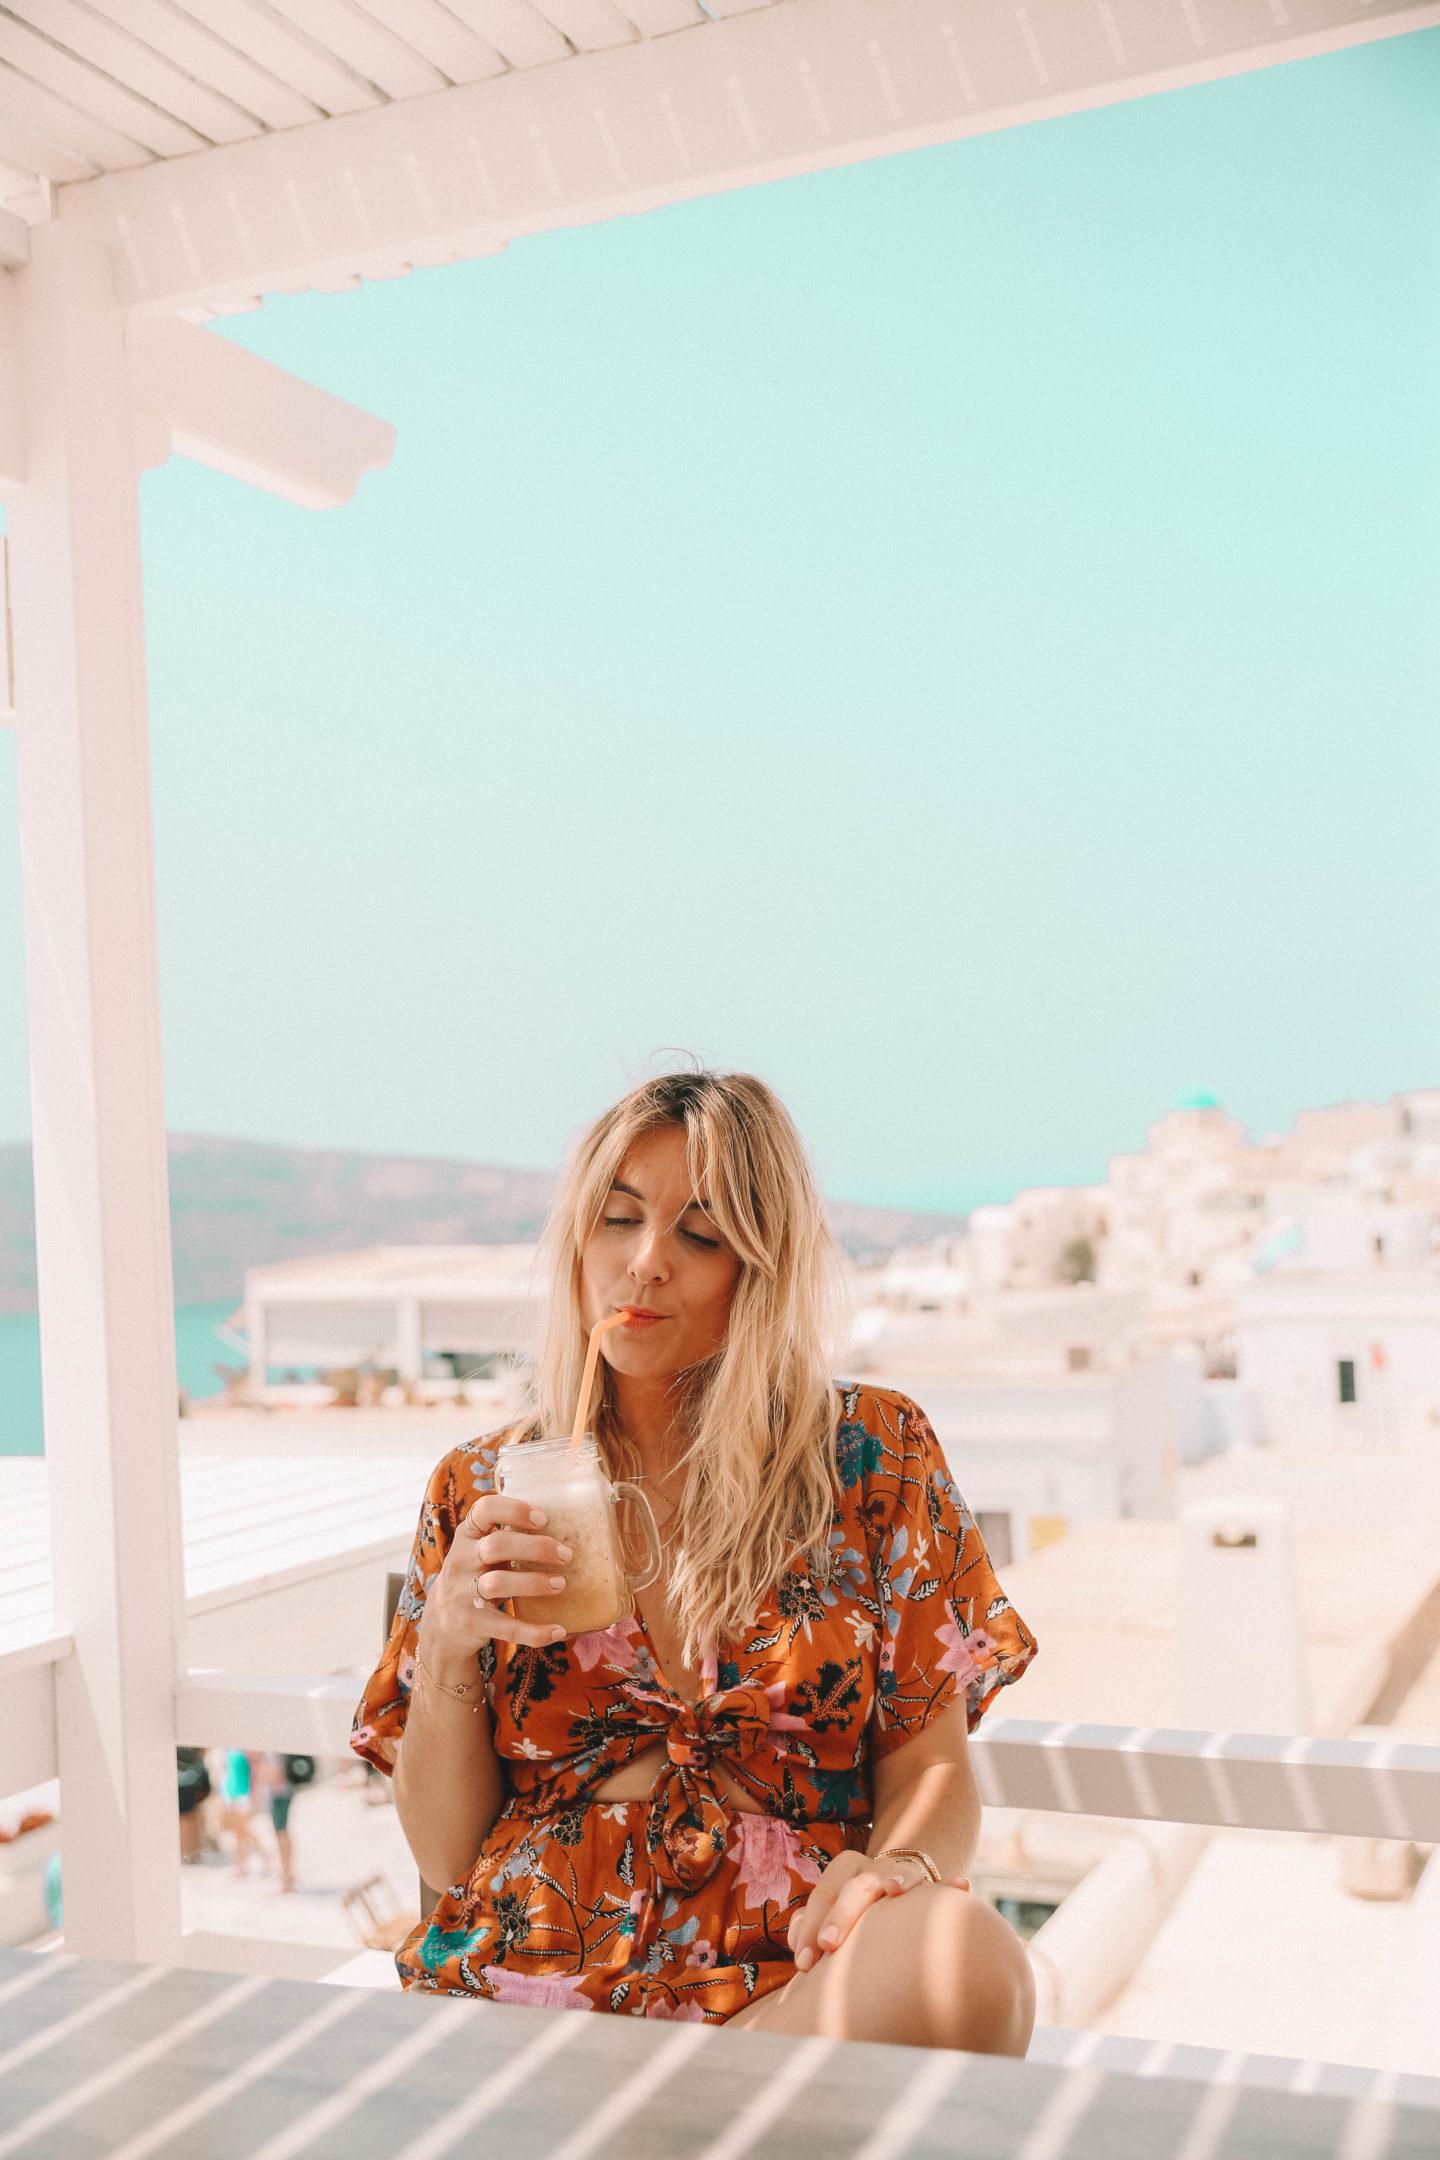 Visiter Oìa Grèce - Blondie Baby blog mode et voyages